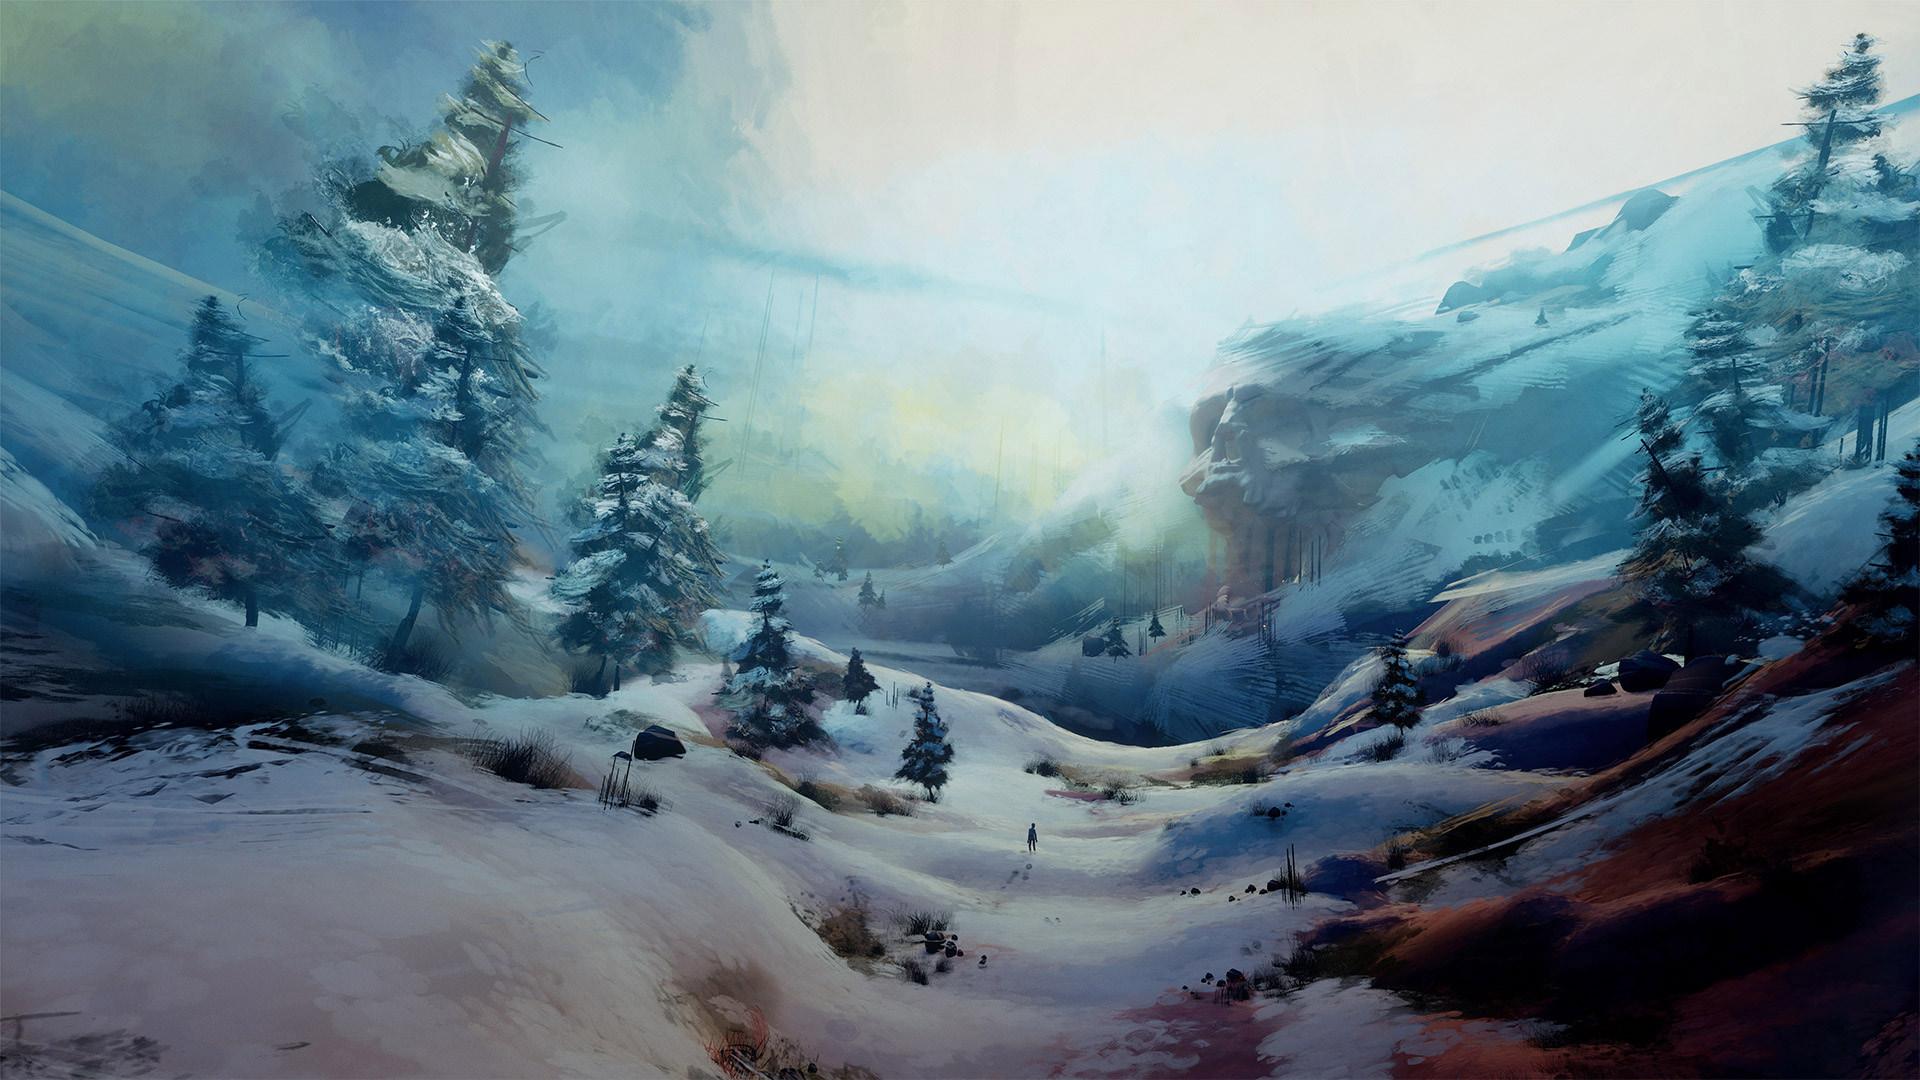 A wintery scene